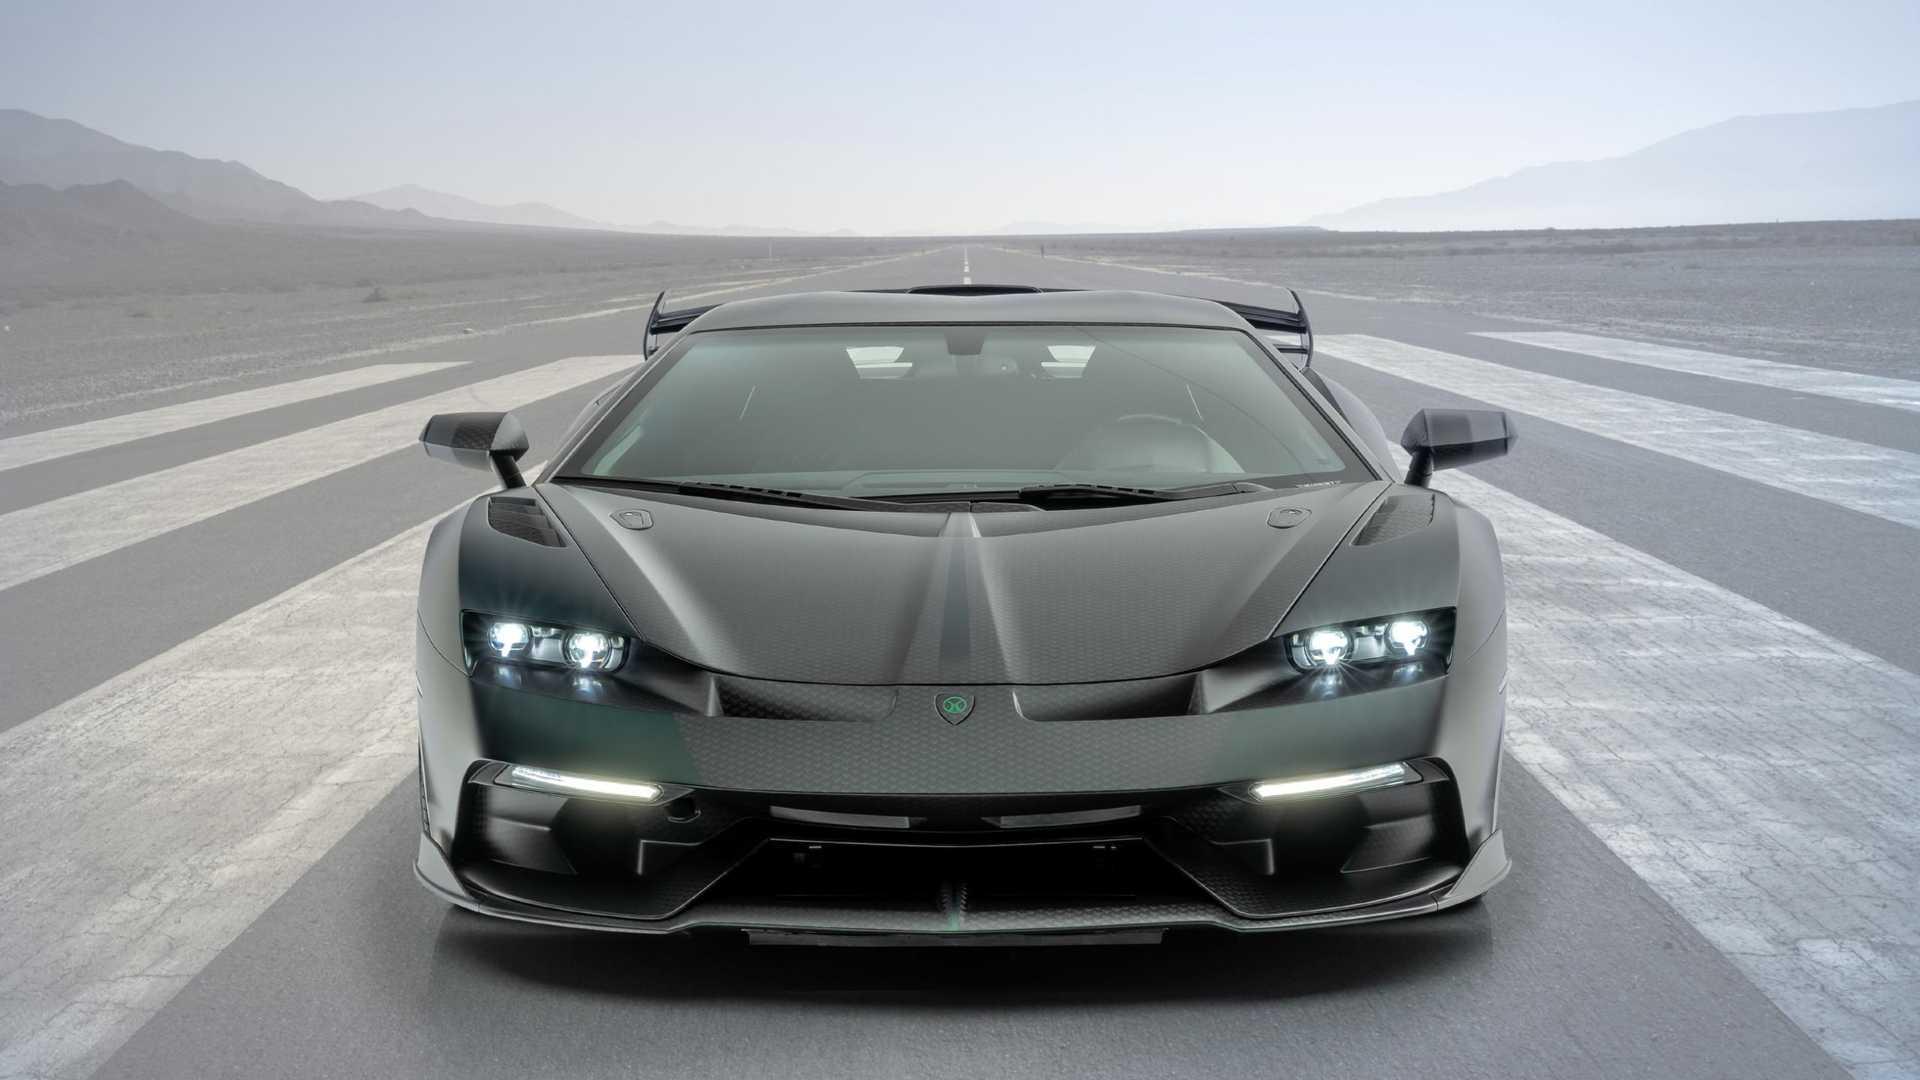 Mansory-Cabrera-Lamborghini-Aventador-SVJ-3